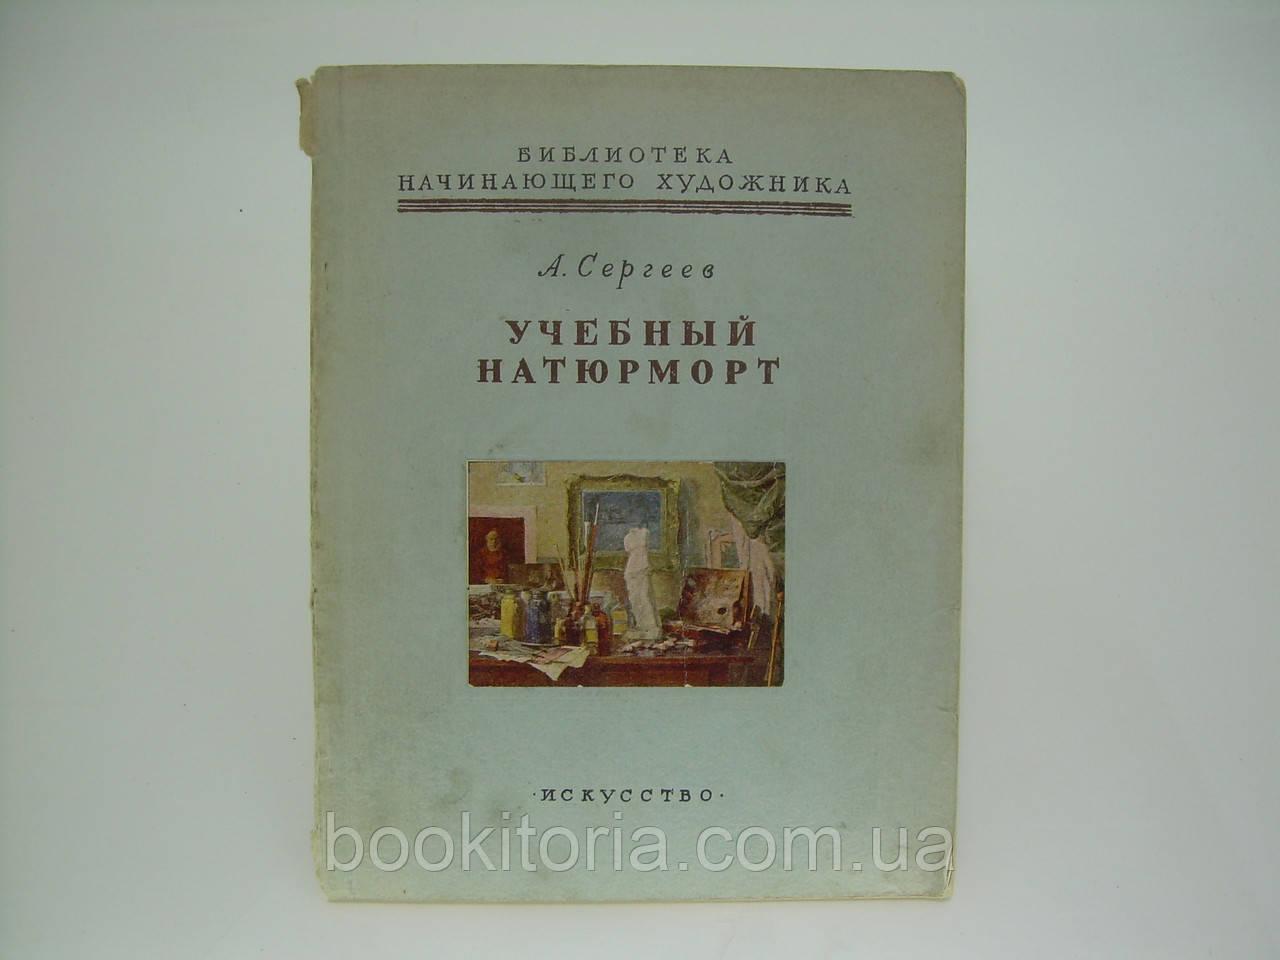 Сергеев А. Учебный натюрморт (б/у).